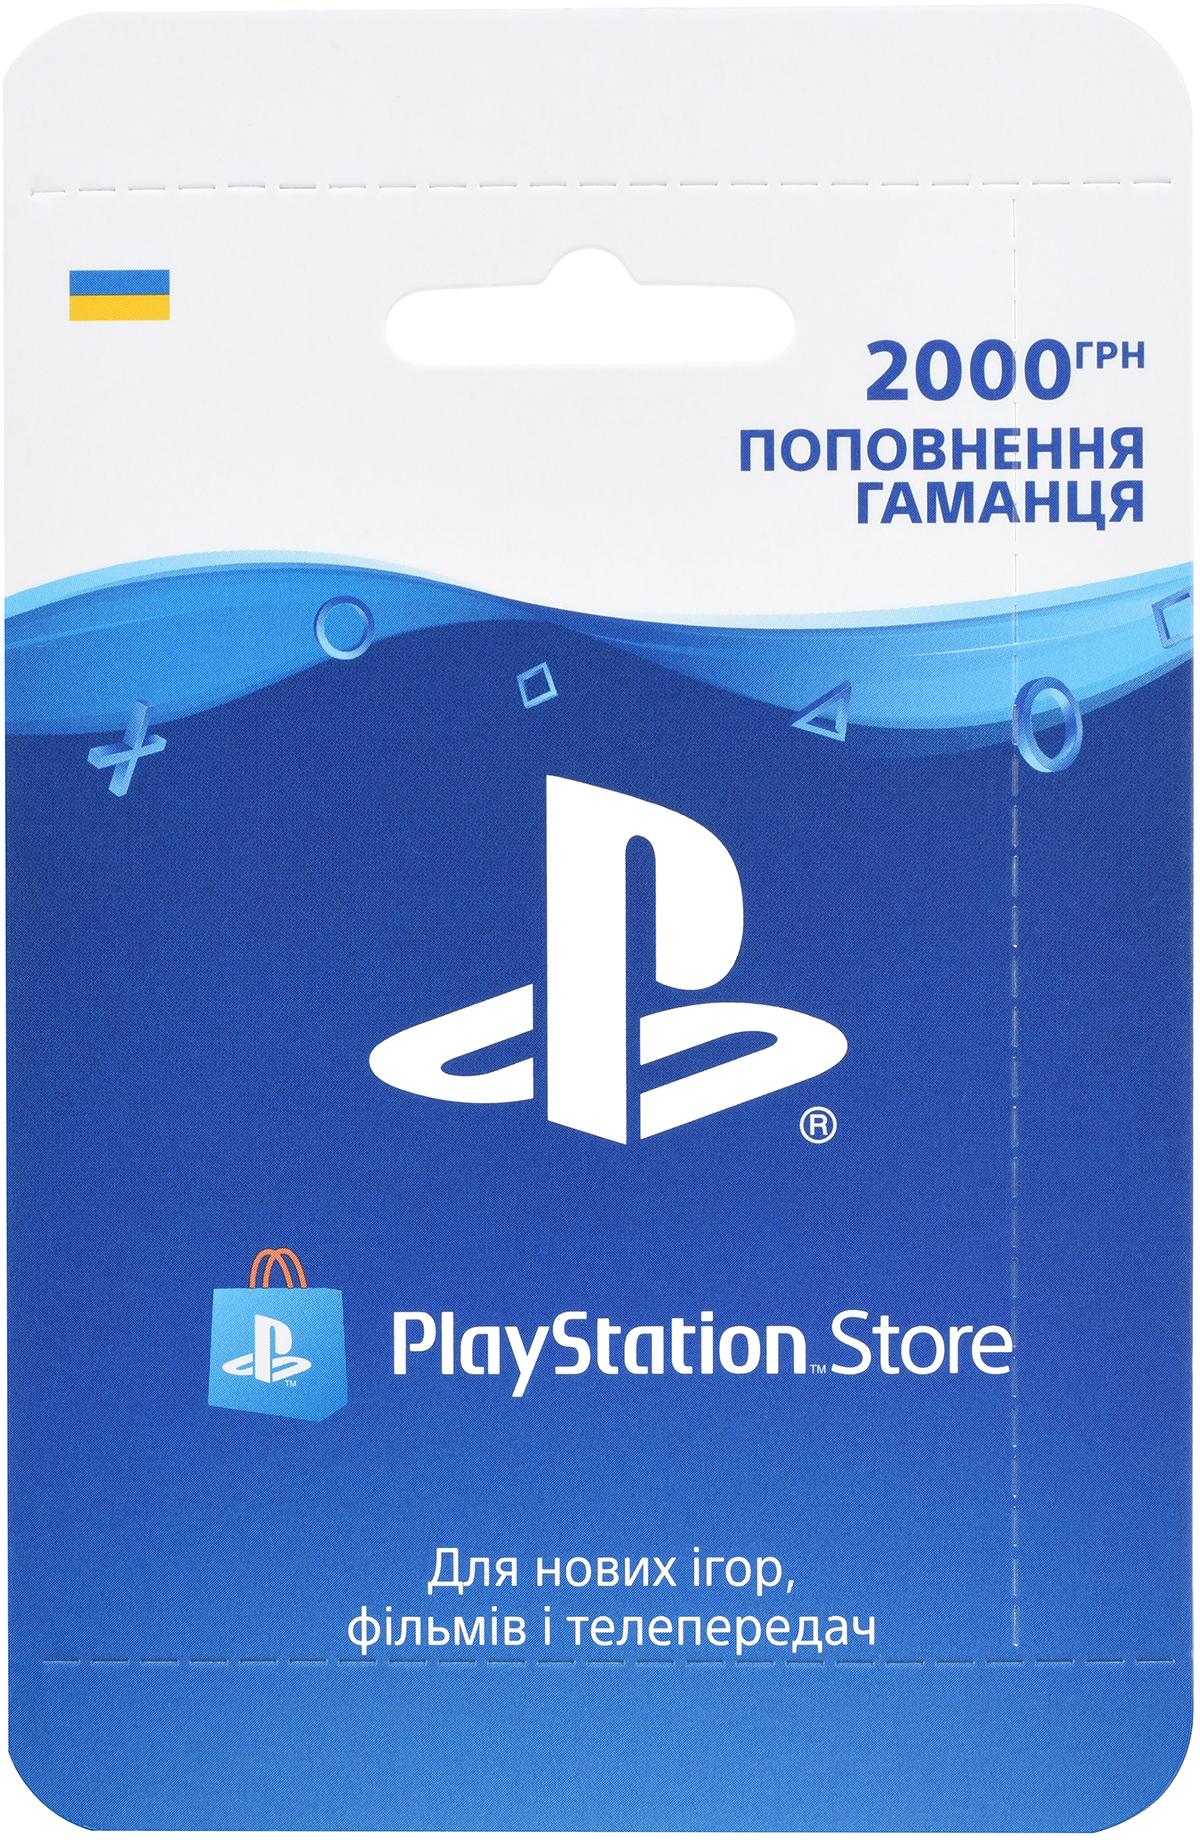 Поповнення гаманця Playstation Store: Карта оплати 2000 грн (конверт)